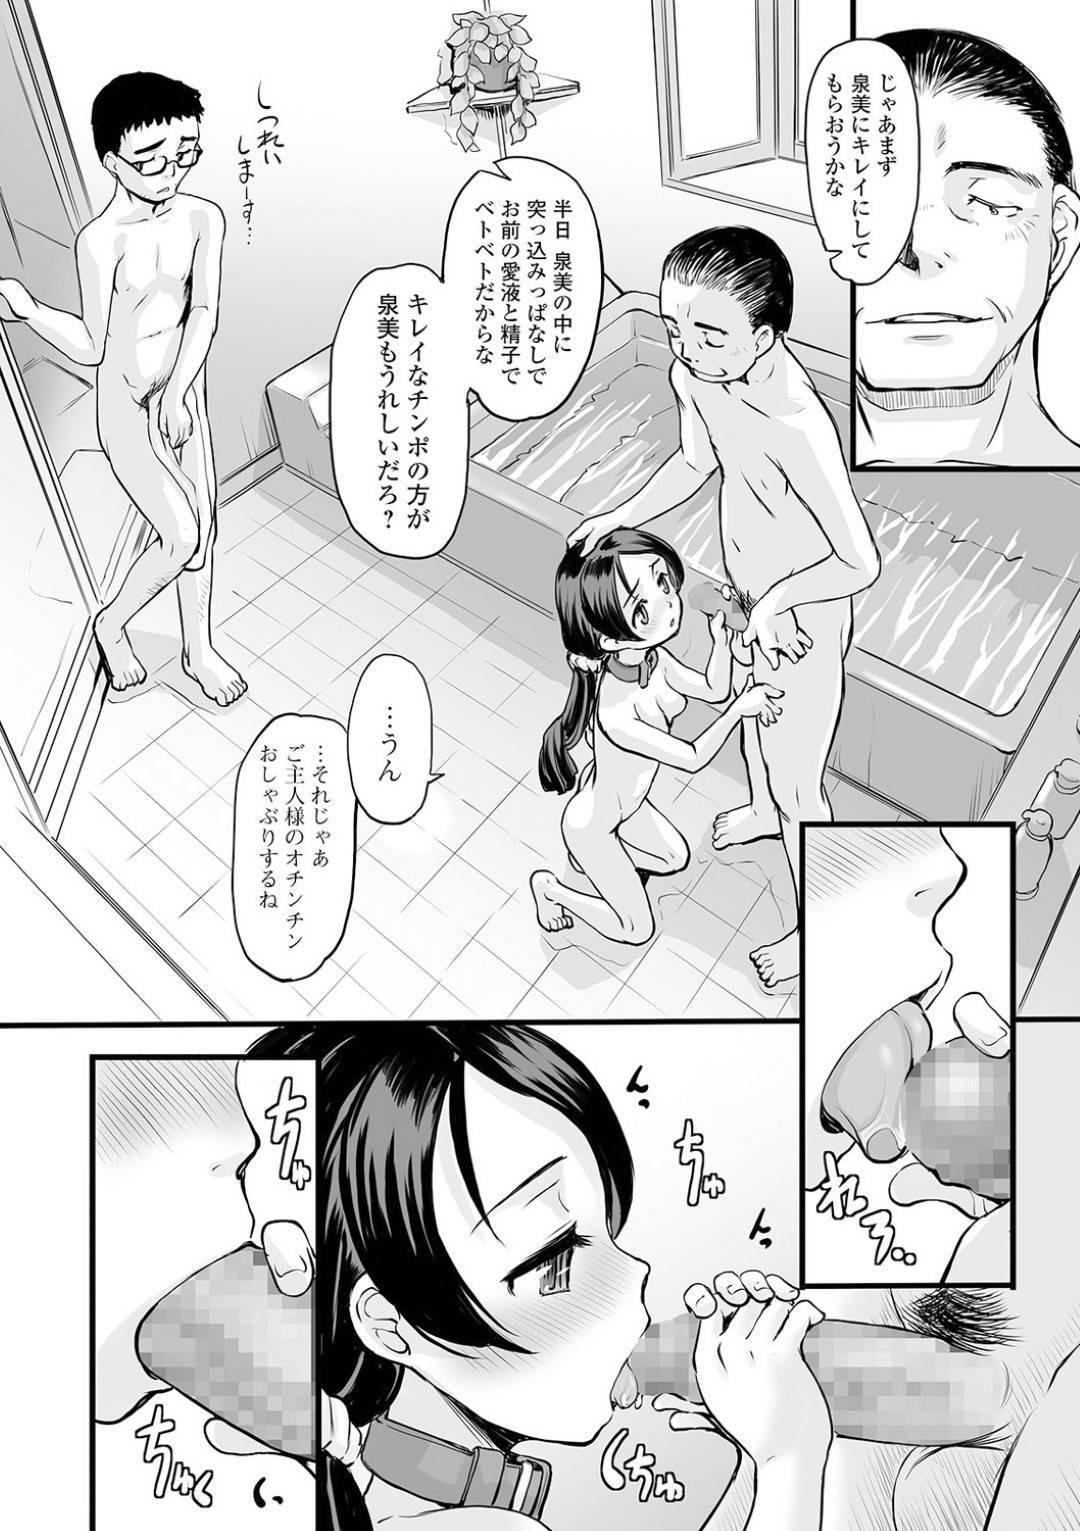 【エロ漫画】飼育されているおじさんに肉奴隷としてご奉仕セックスをするちっパイ美少女…両親に売られた少女はおじさんの提案で父も交えてお風呂で3Pをすることに!【OKINA】